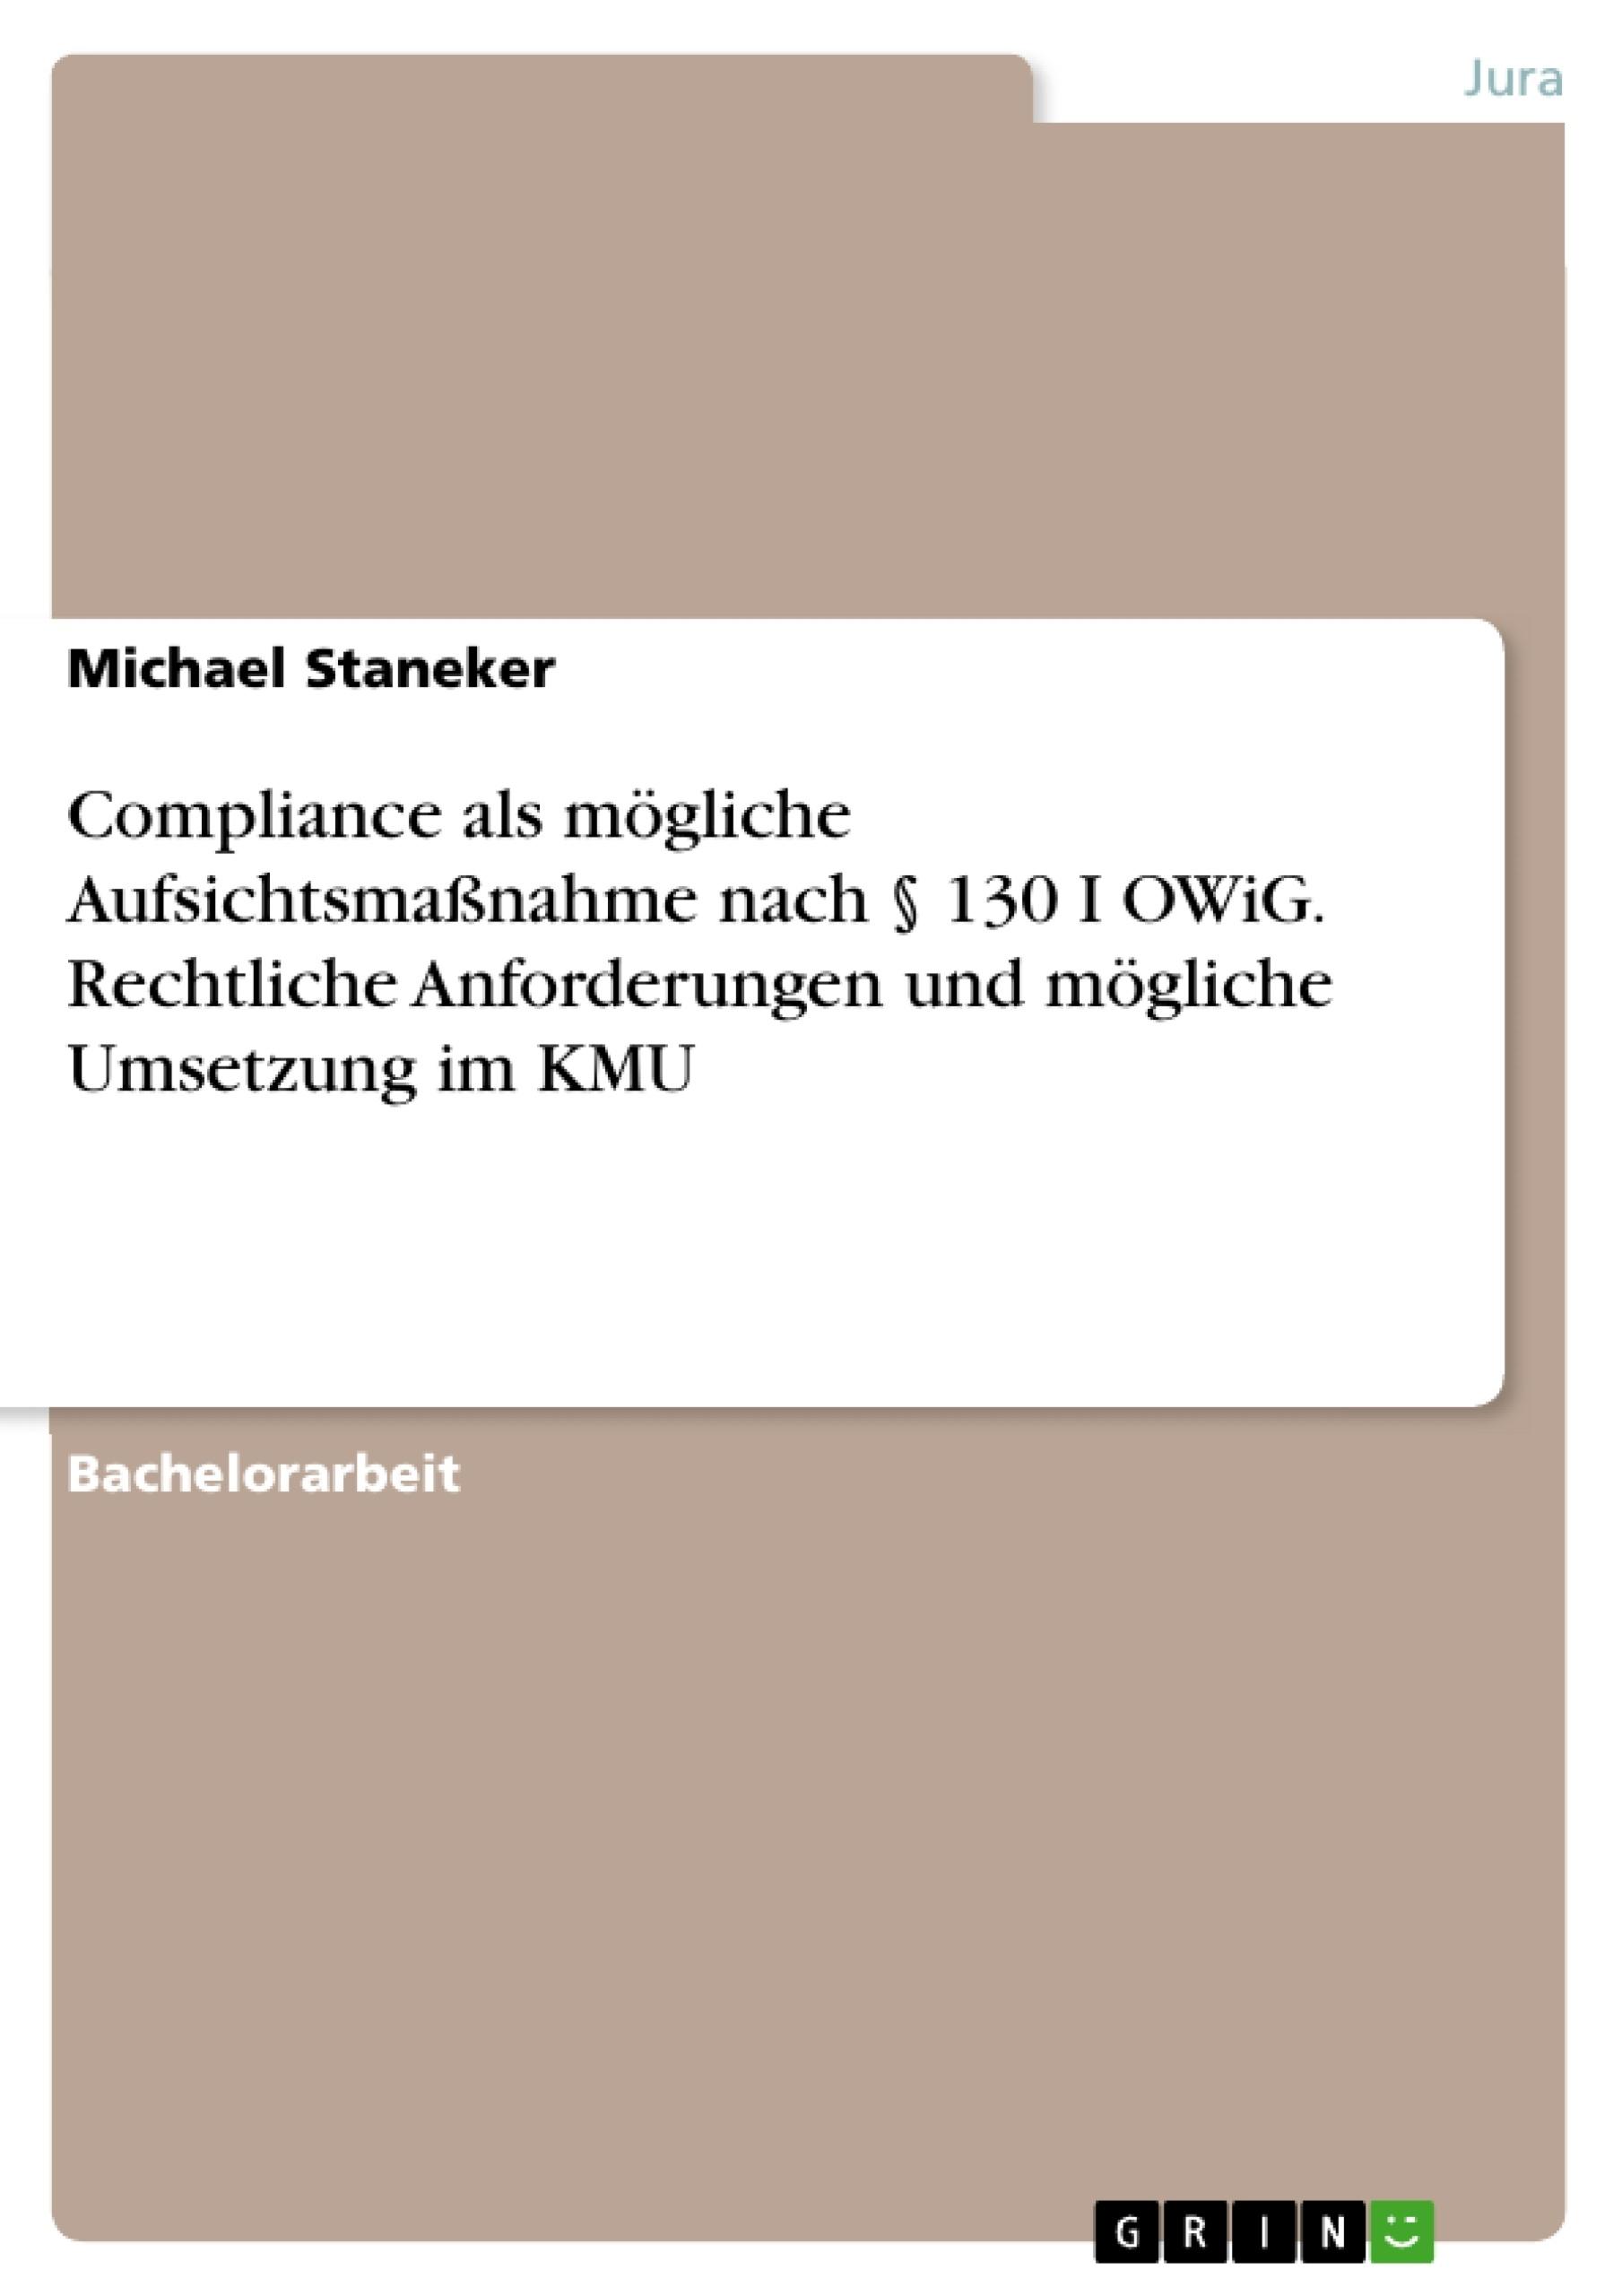 Titel: Compliance als mögliche Aufsichtsmaßnahme nach § 130 I OWiG. Rechtliche Anforderungen und mögliche Umsetzung im KMU